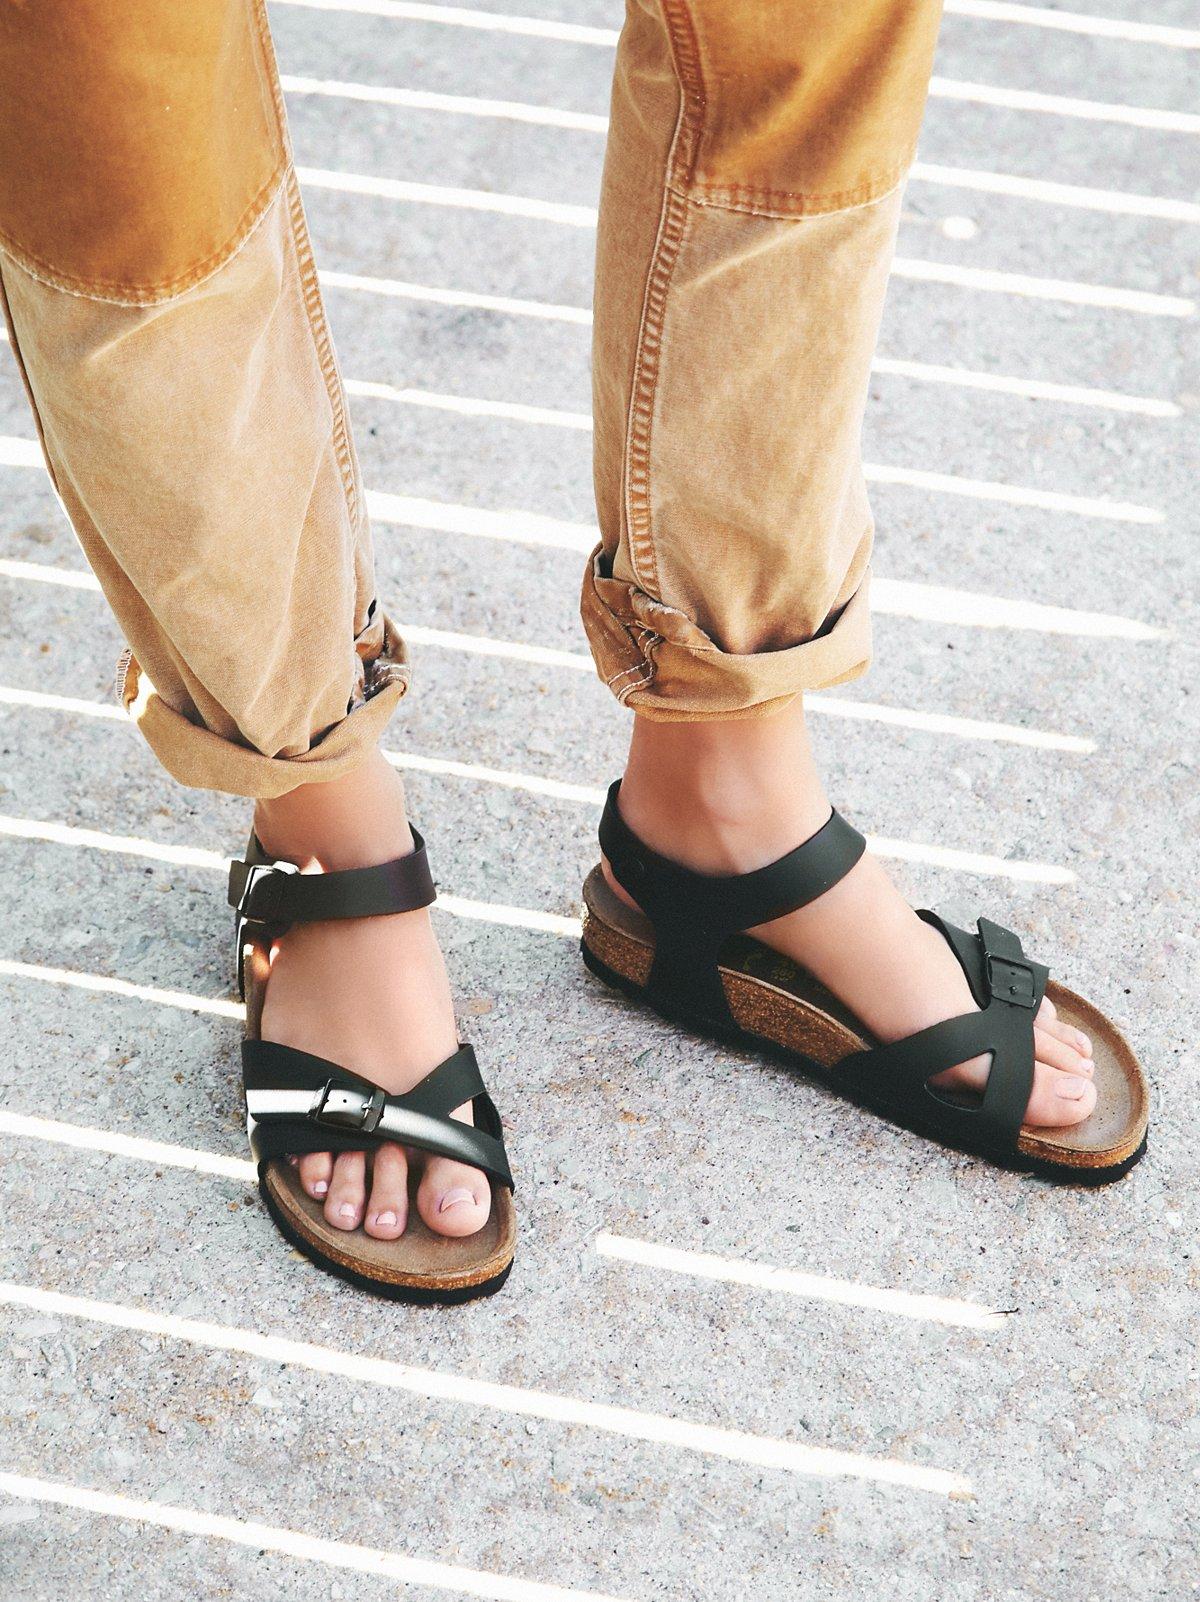 Rio勃肯鞋